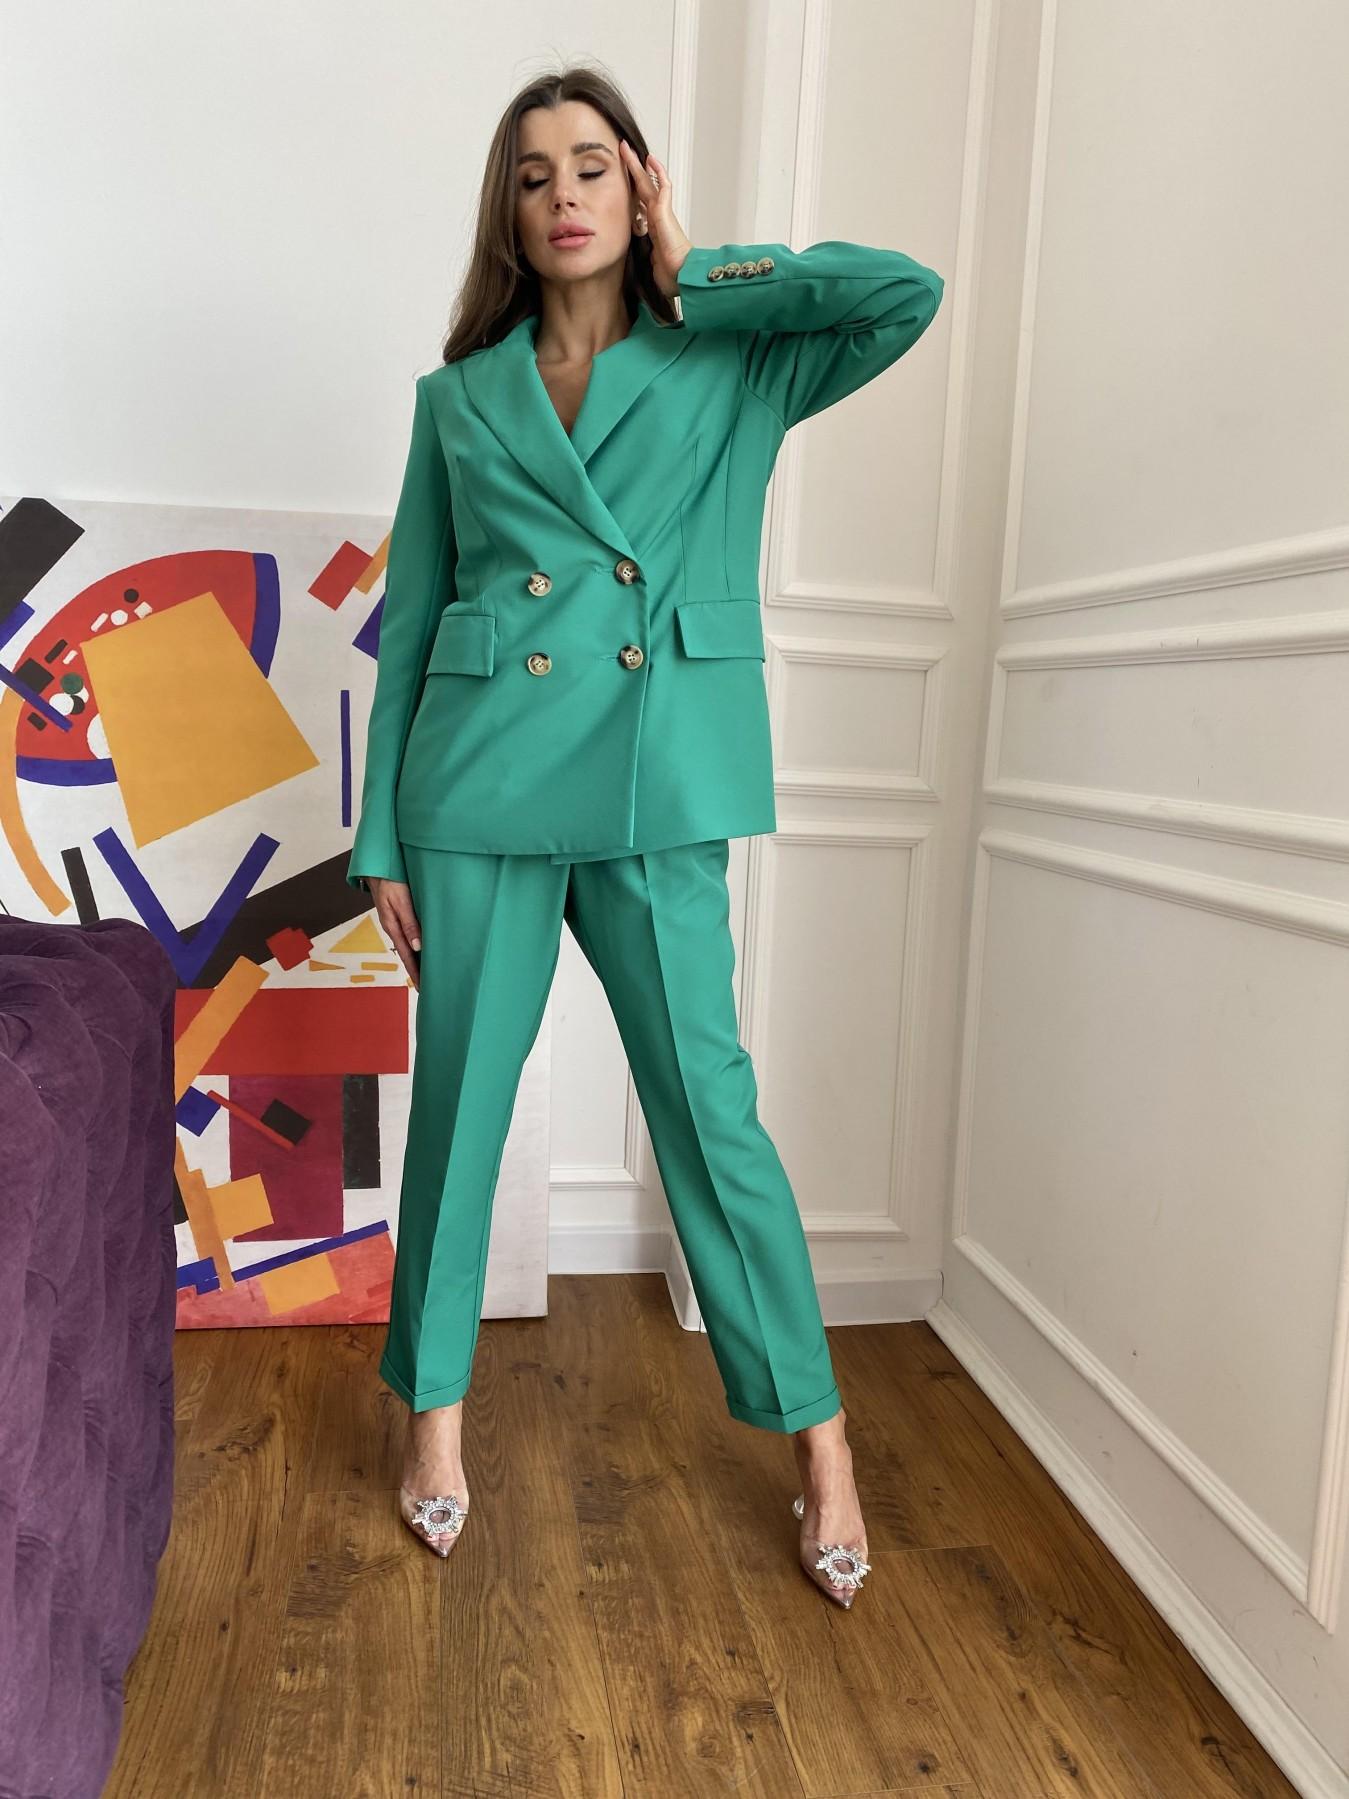 Франко костюм из костюмной ткани 11090 АРТ. 48111 Цвет: Зеленый 2 - фото 5, интернет магазин tm-modus.ru